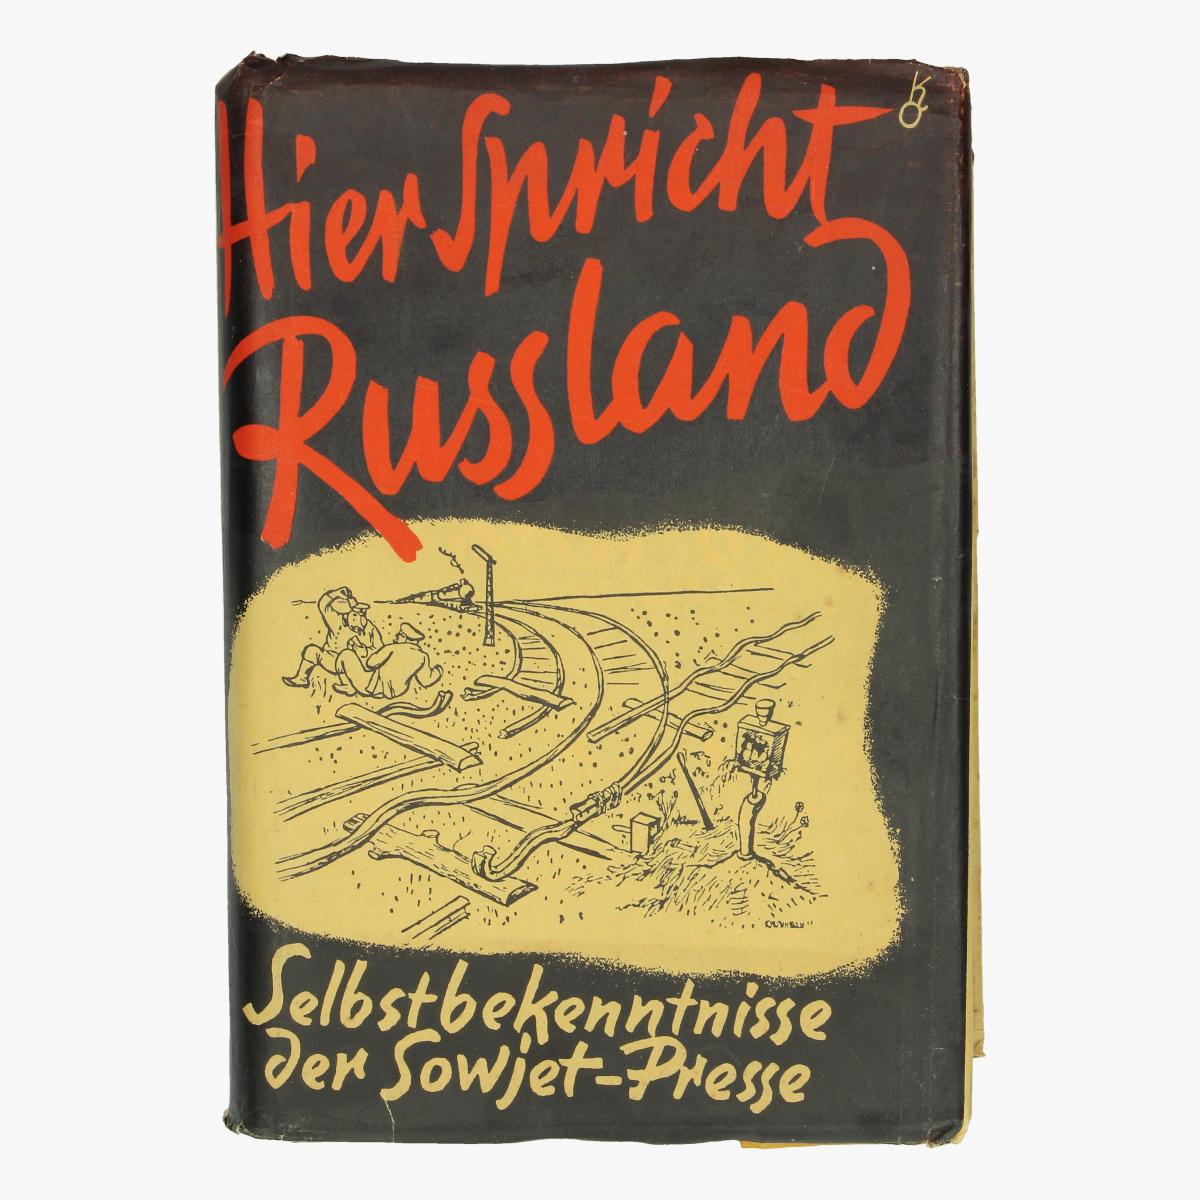 Afbeeldingen van boek hér spricht russland selbstbekenntniss der sowjet-presse